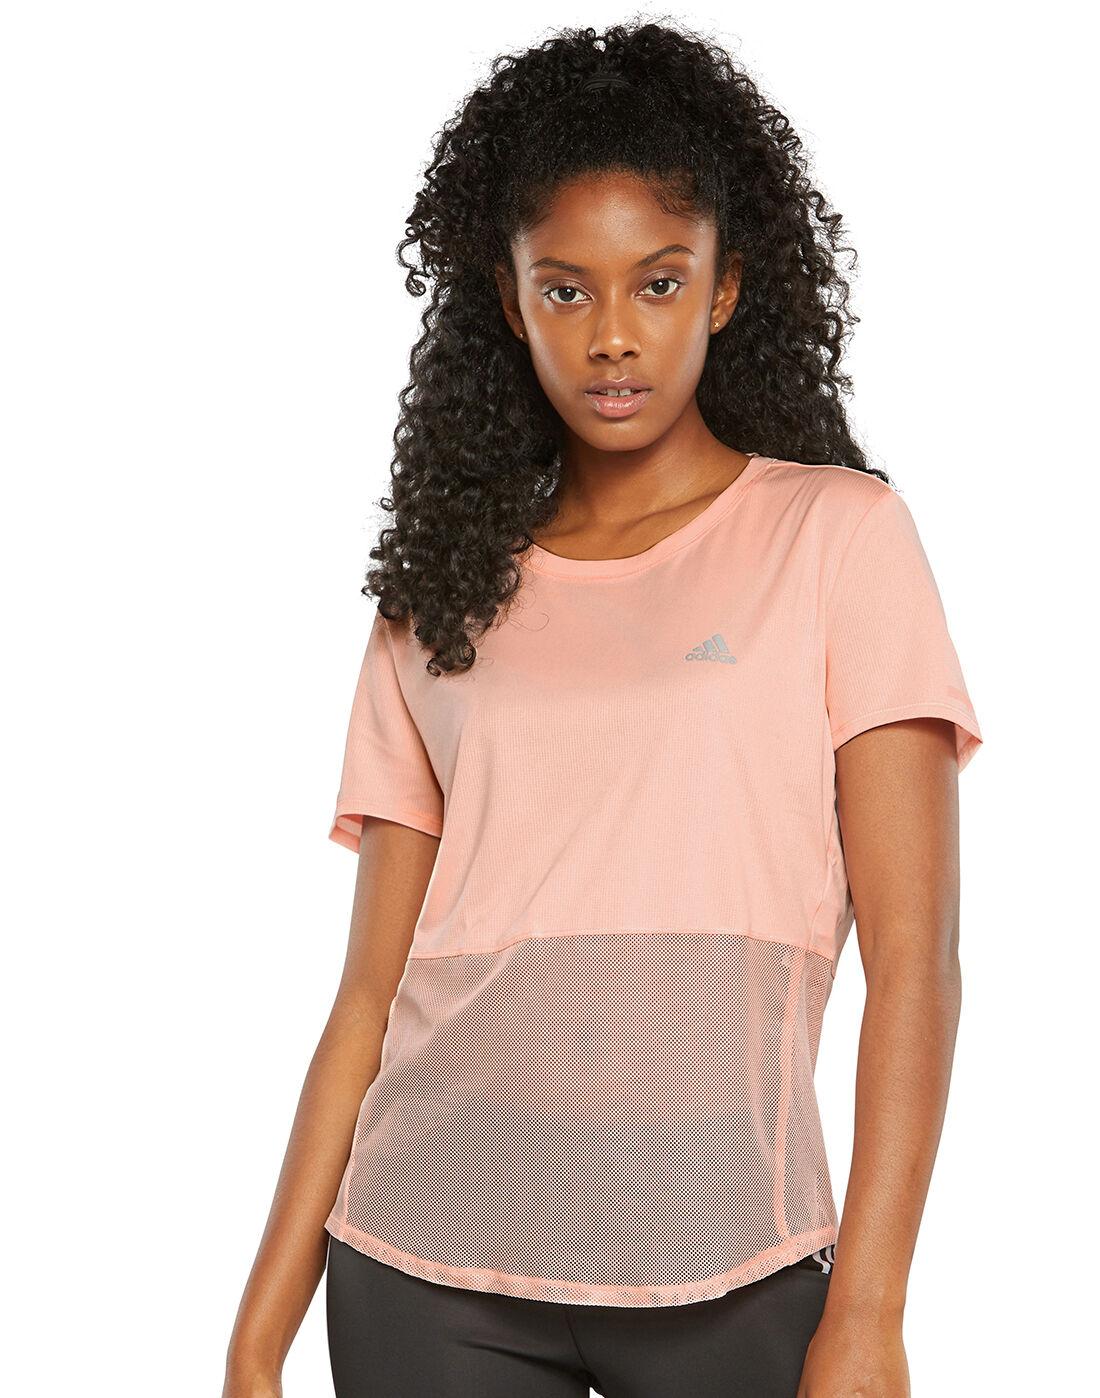 adidas Womens Own The Run T shirt